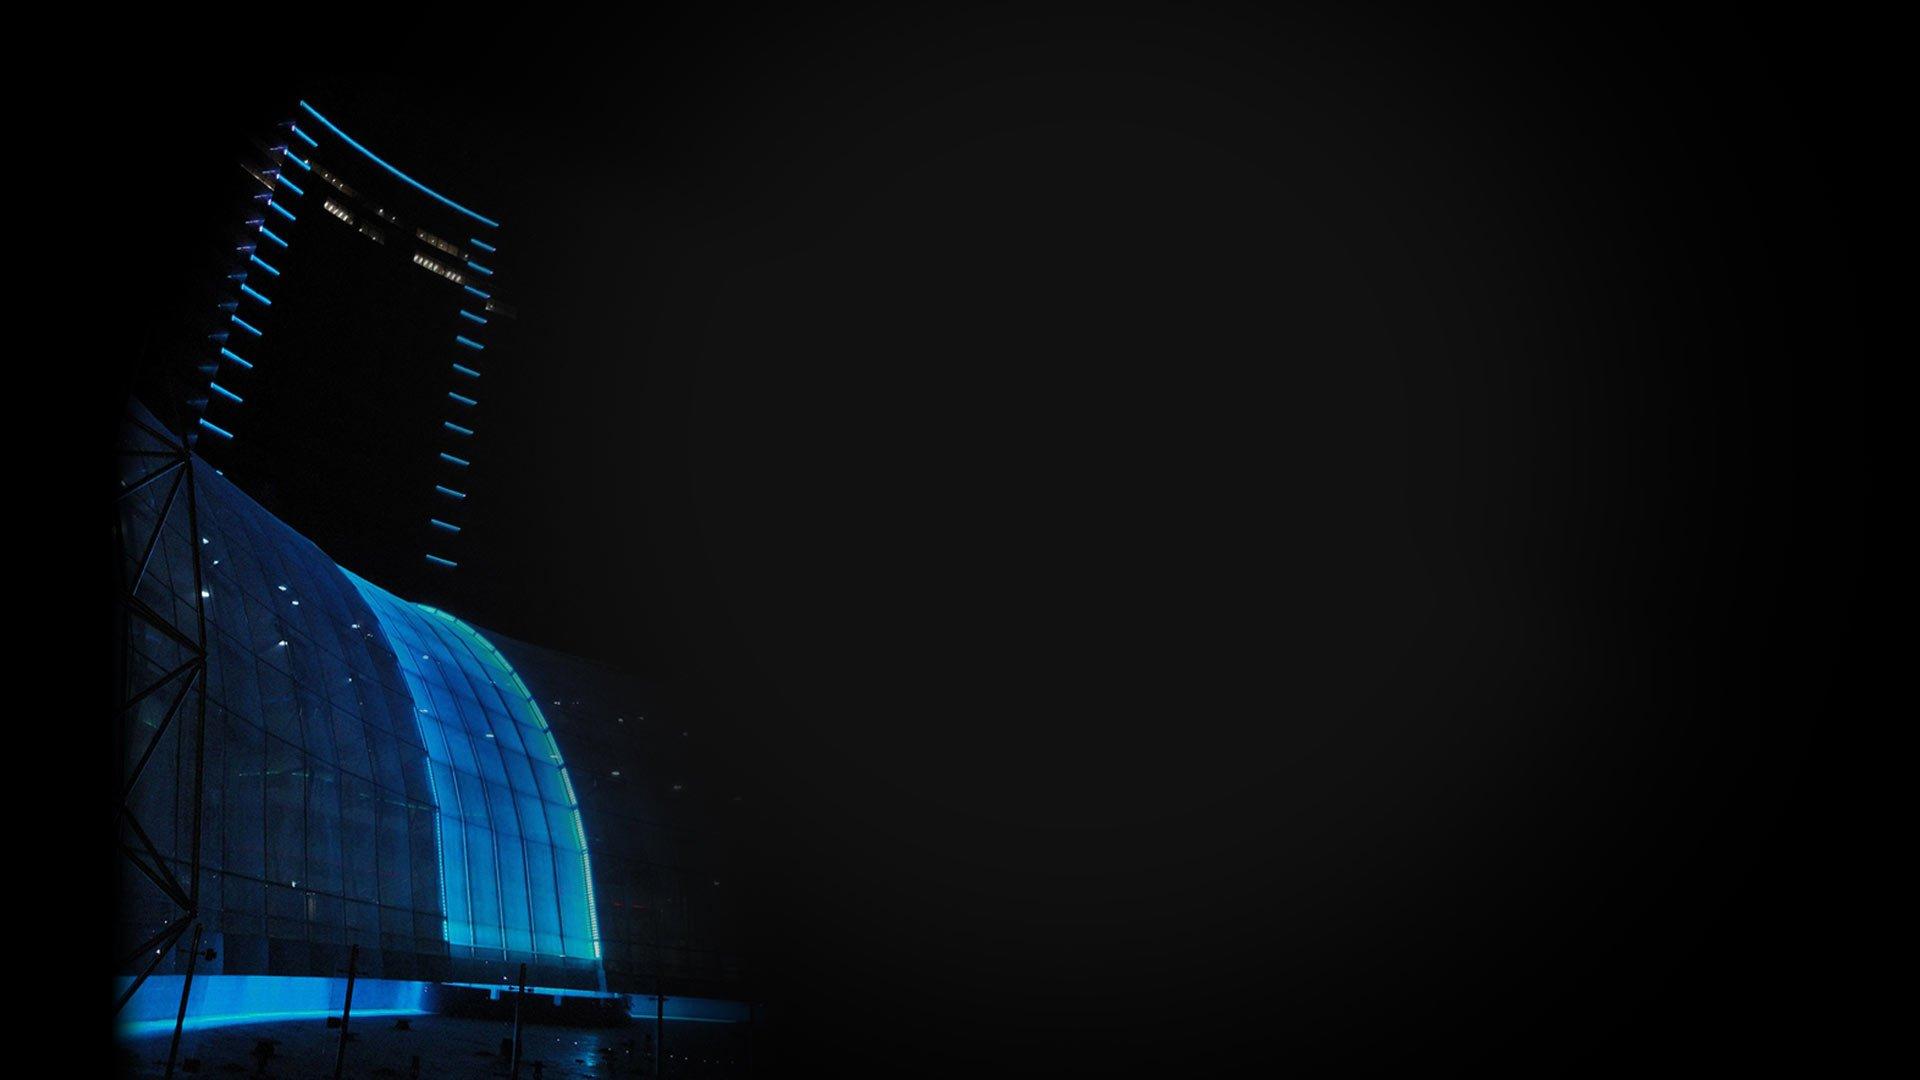 Safat Tower / Waterfall Mall, Kuwait